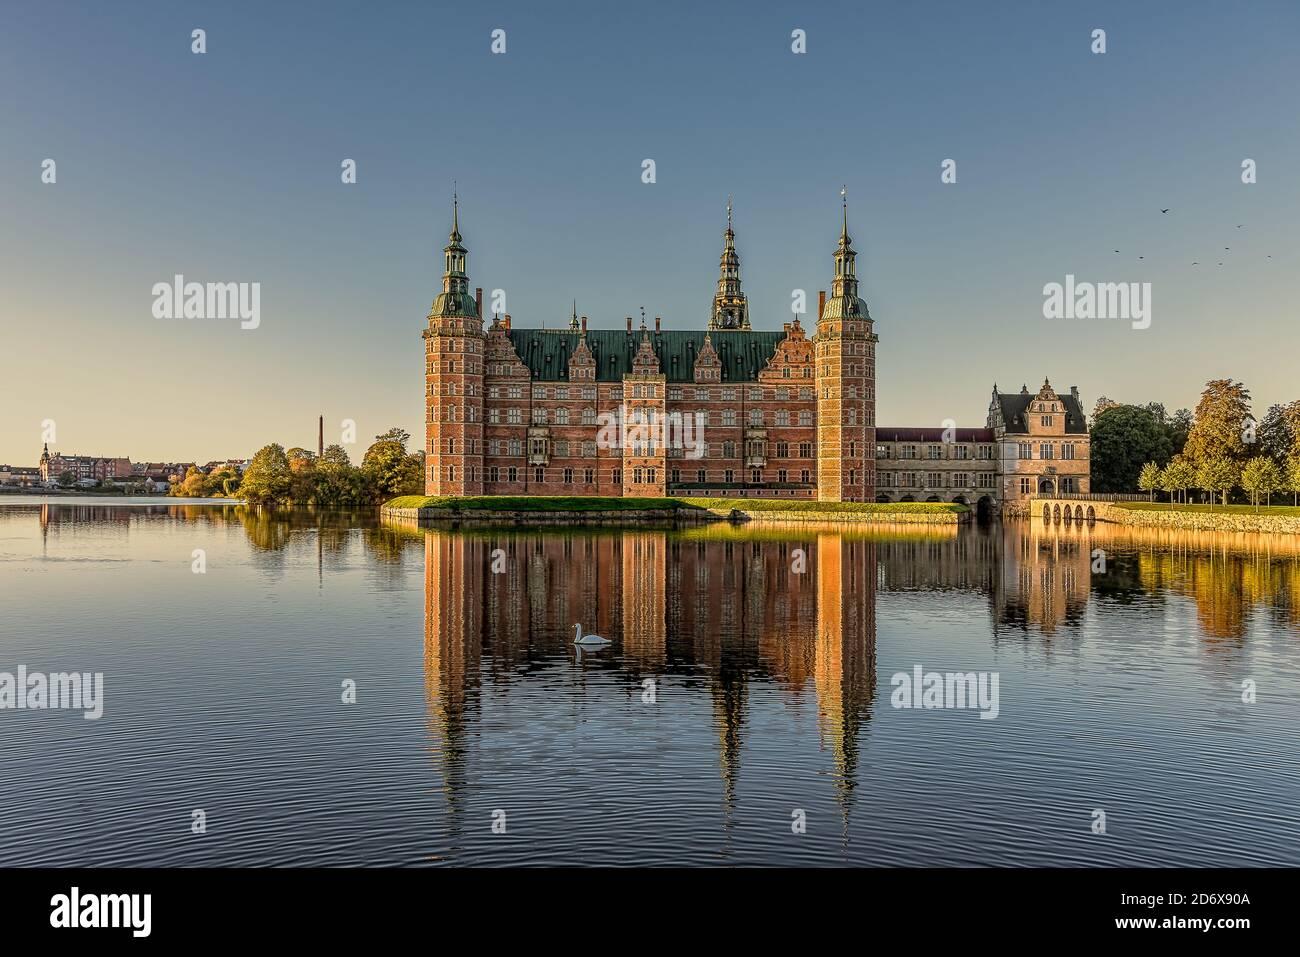 El Castillo Real Frederiksborg brilla bajo el sol y se refleja en el lago con un cisne de natación, Hillerod, Dinamarca, 17 de octubre de 2020 Foto de stock